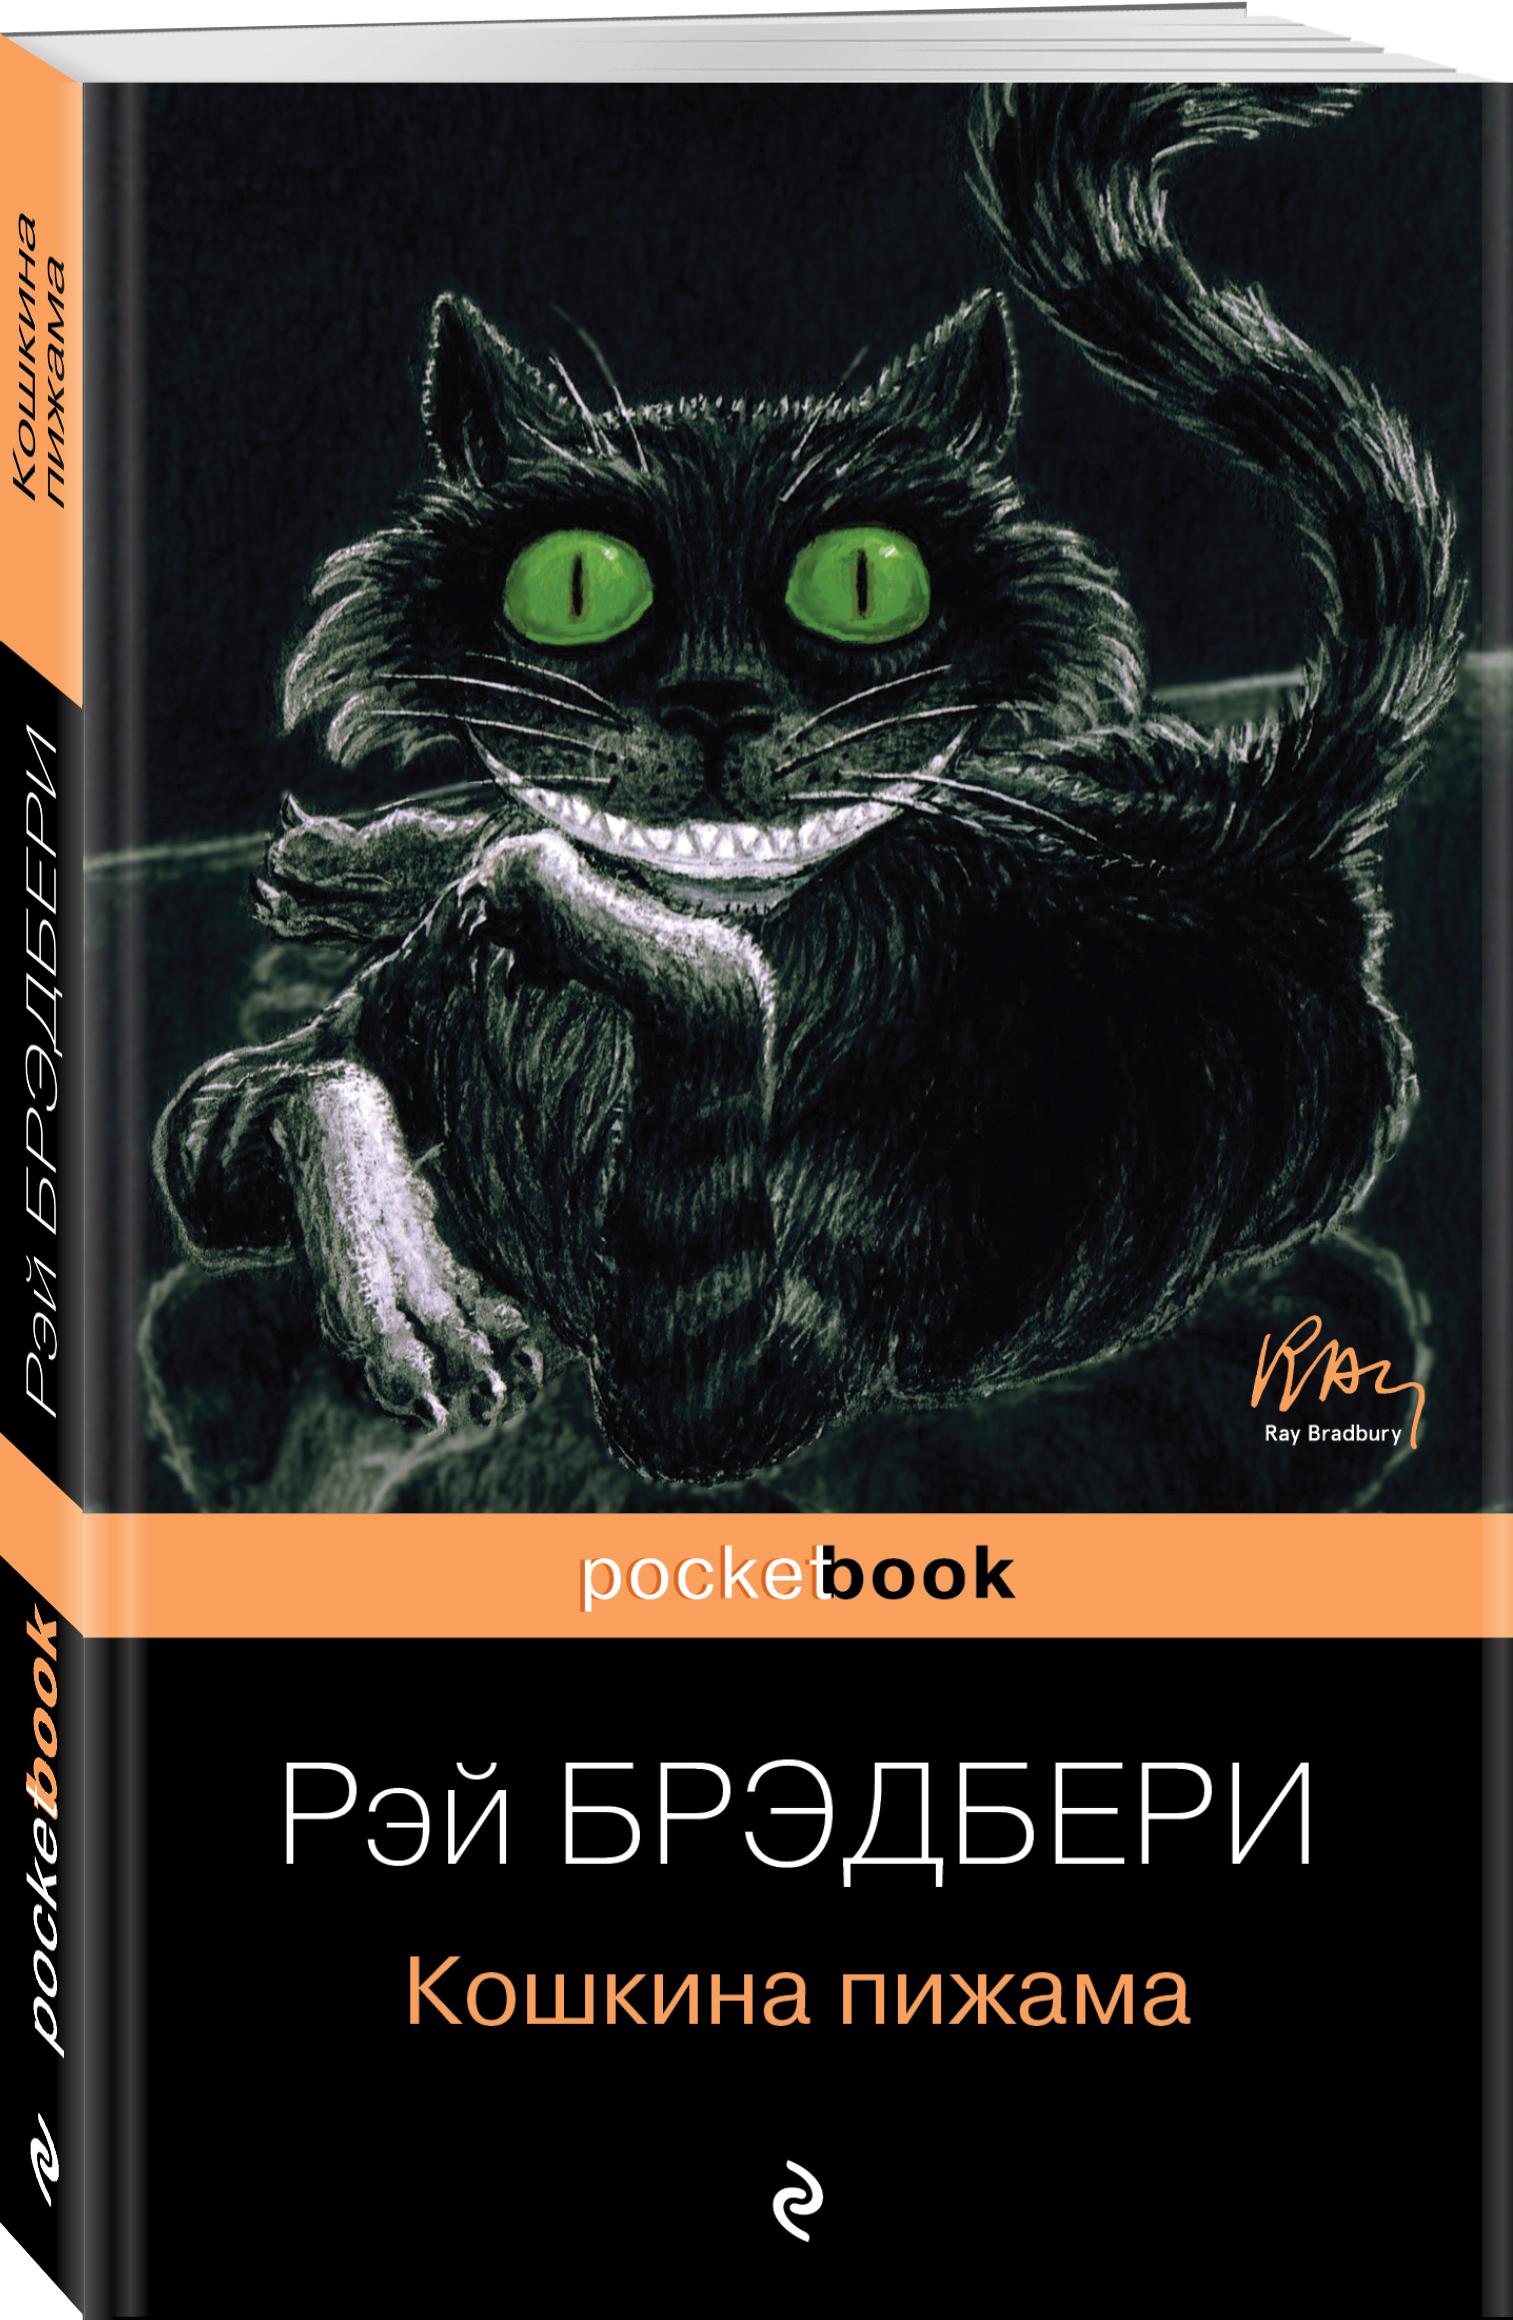 Брэдбери Р. Кошкина пижама рэй брэдбери кошкина пижама